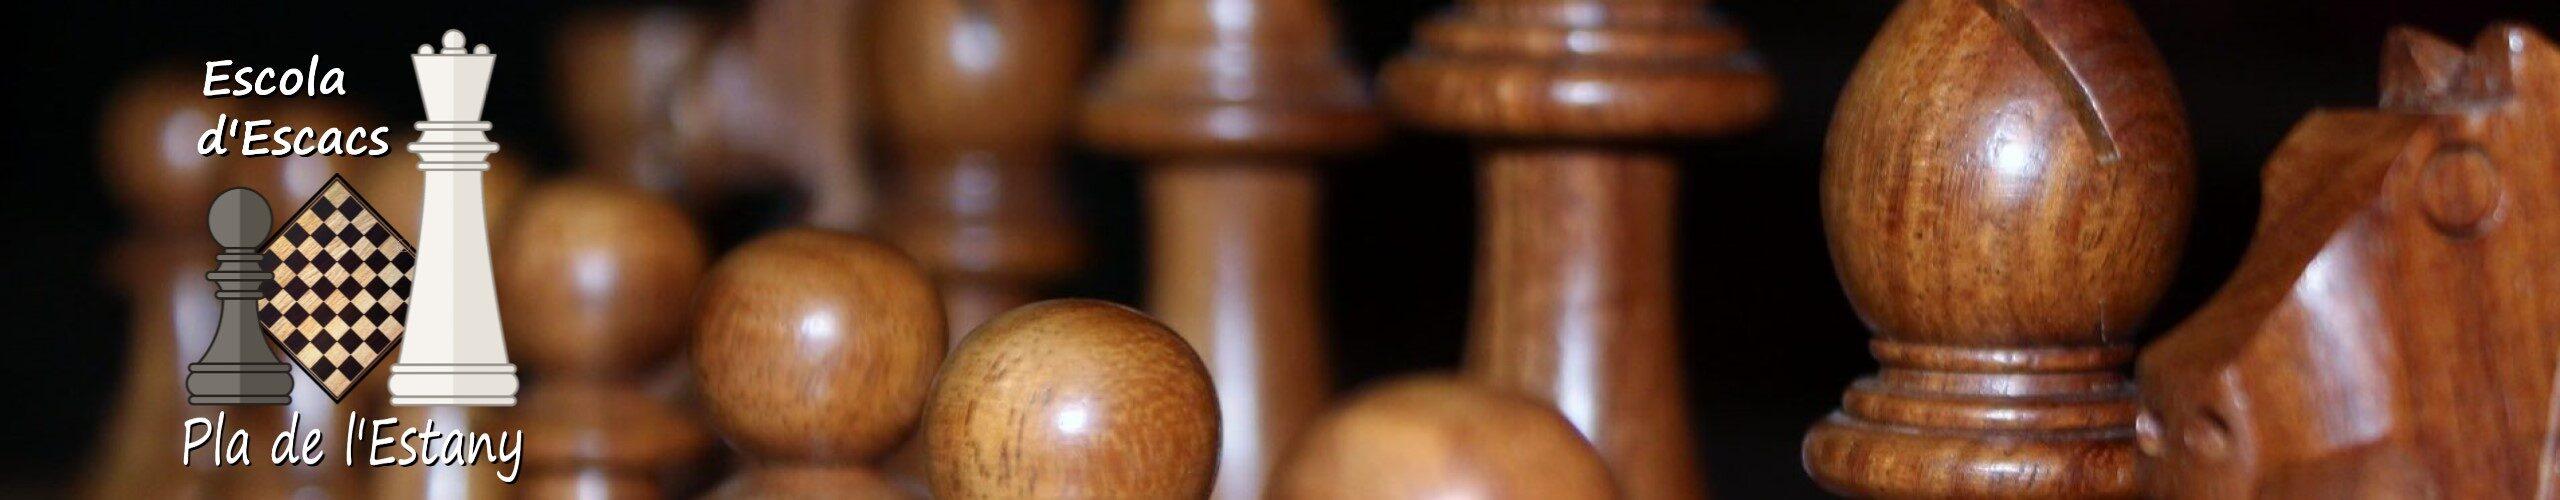 Escola d'Escacs Pla de l'Estany